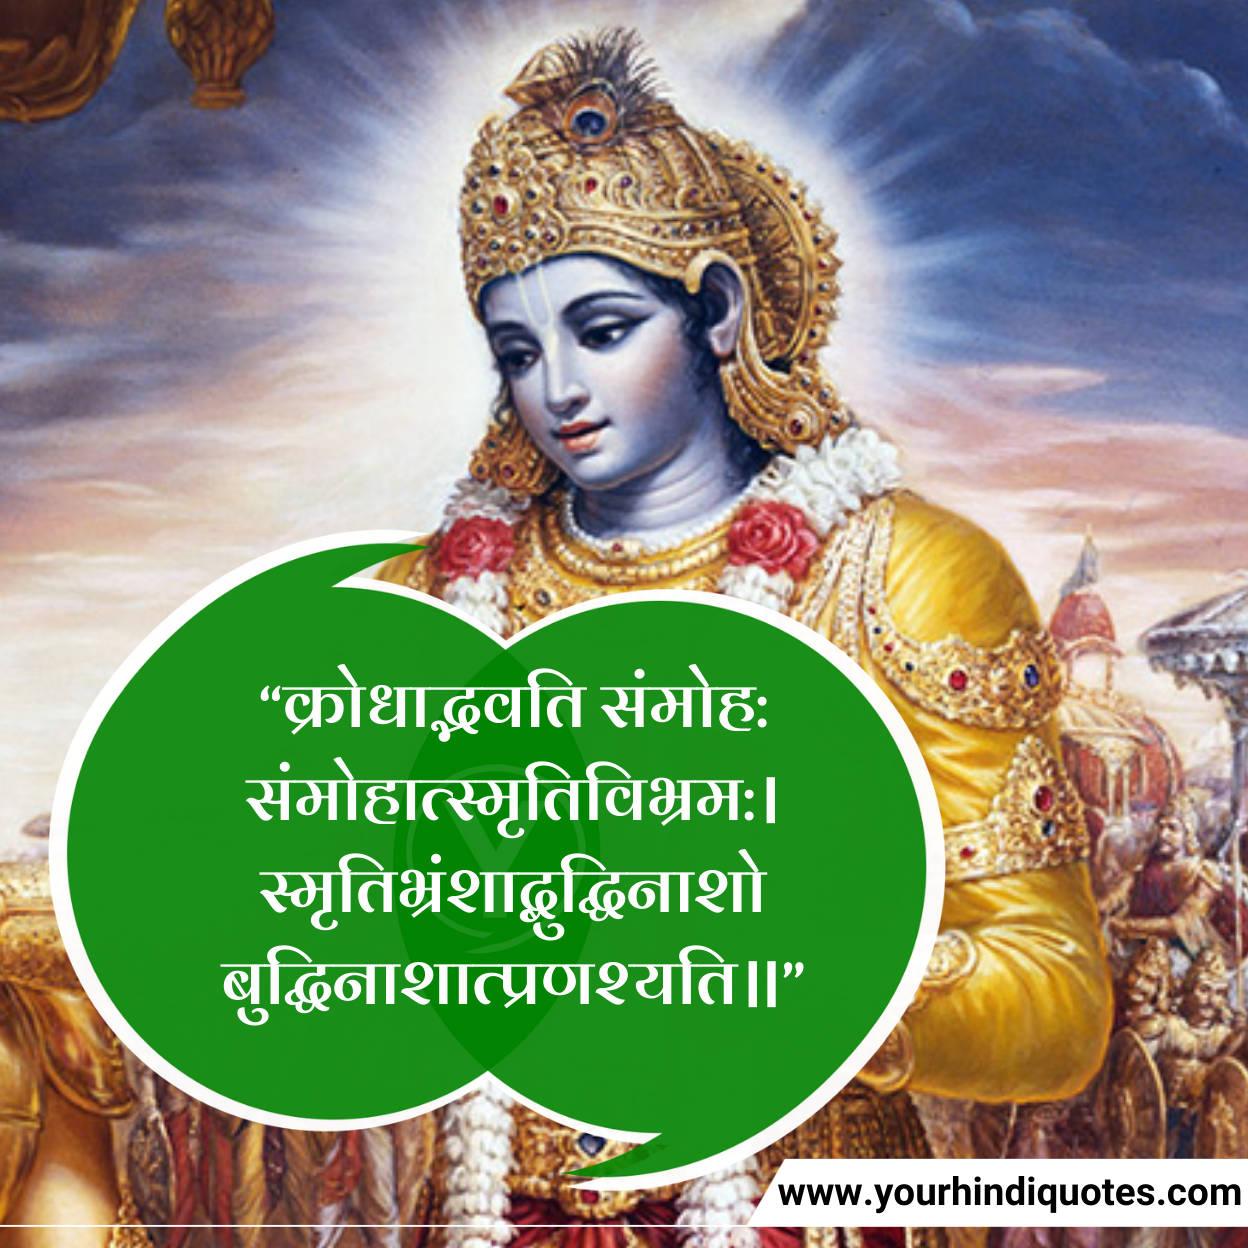 Shlok Of Gita in Hindi